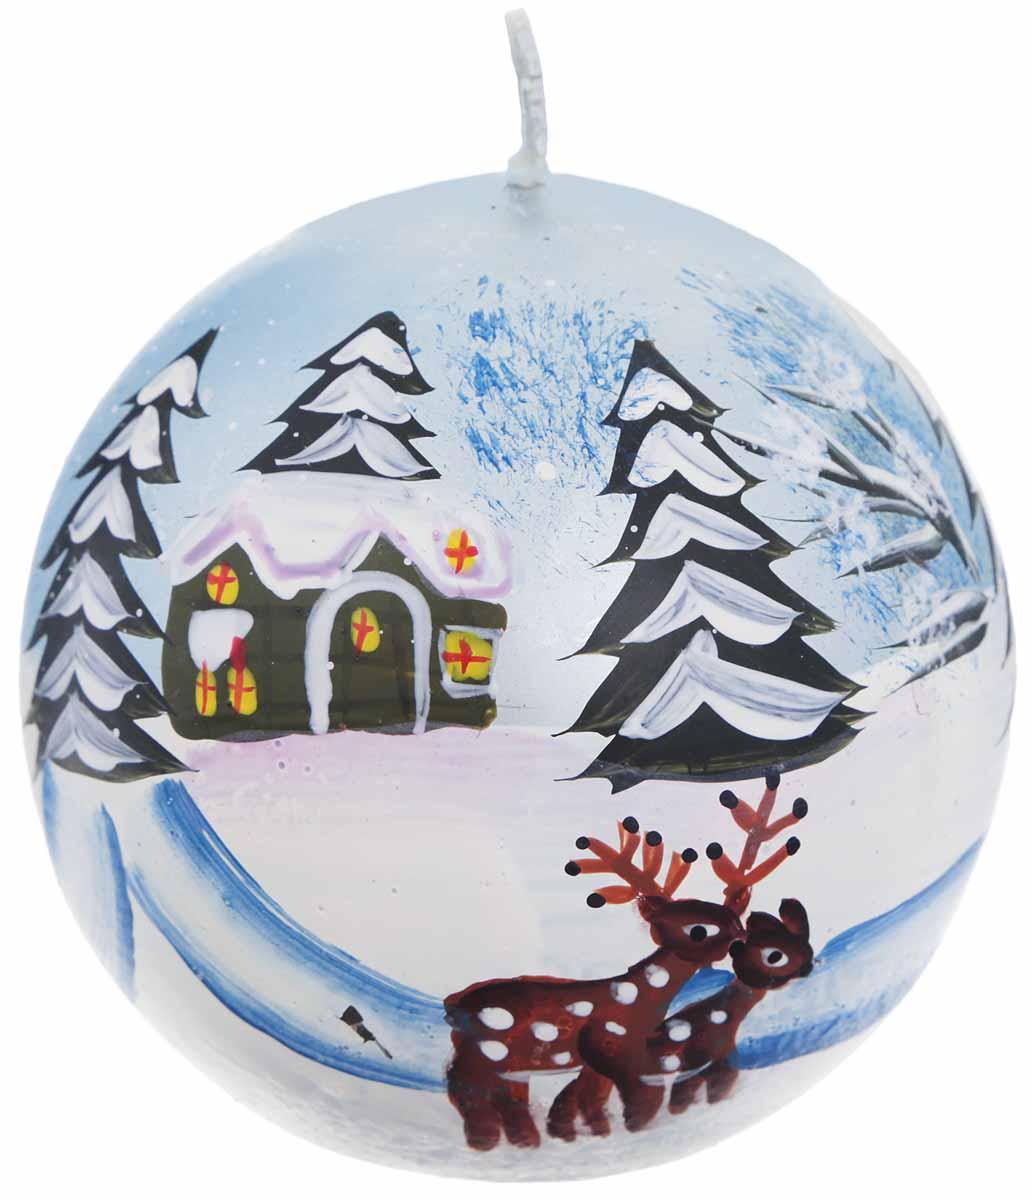 Свеча Winter Wings Зимний пейзаж, диаметр 7 смFS-80299Свеча Winter Wings Зимний пейзаж, изготовленная из парафина, станет прекрасным украшением интерьера помещения в преддверии Нового года. Такая свеча создаст атмосферу таинственности и загадочности и наполнит ваш дом волшебством и ощущением праздника. Хороший сувенир для друзей и близких.